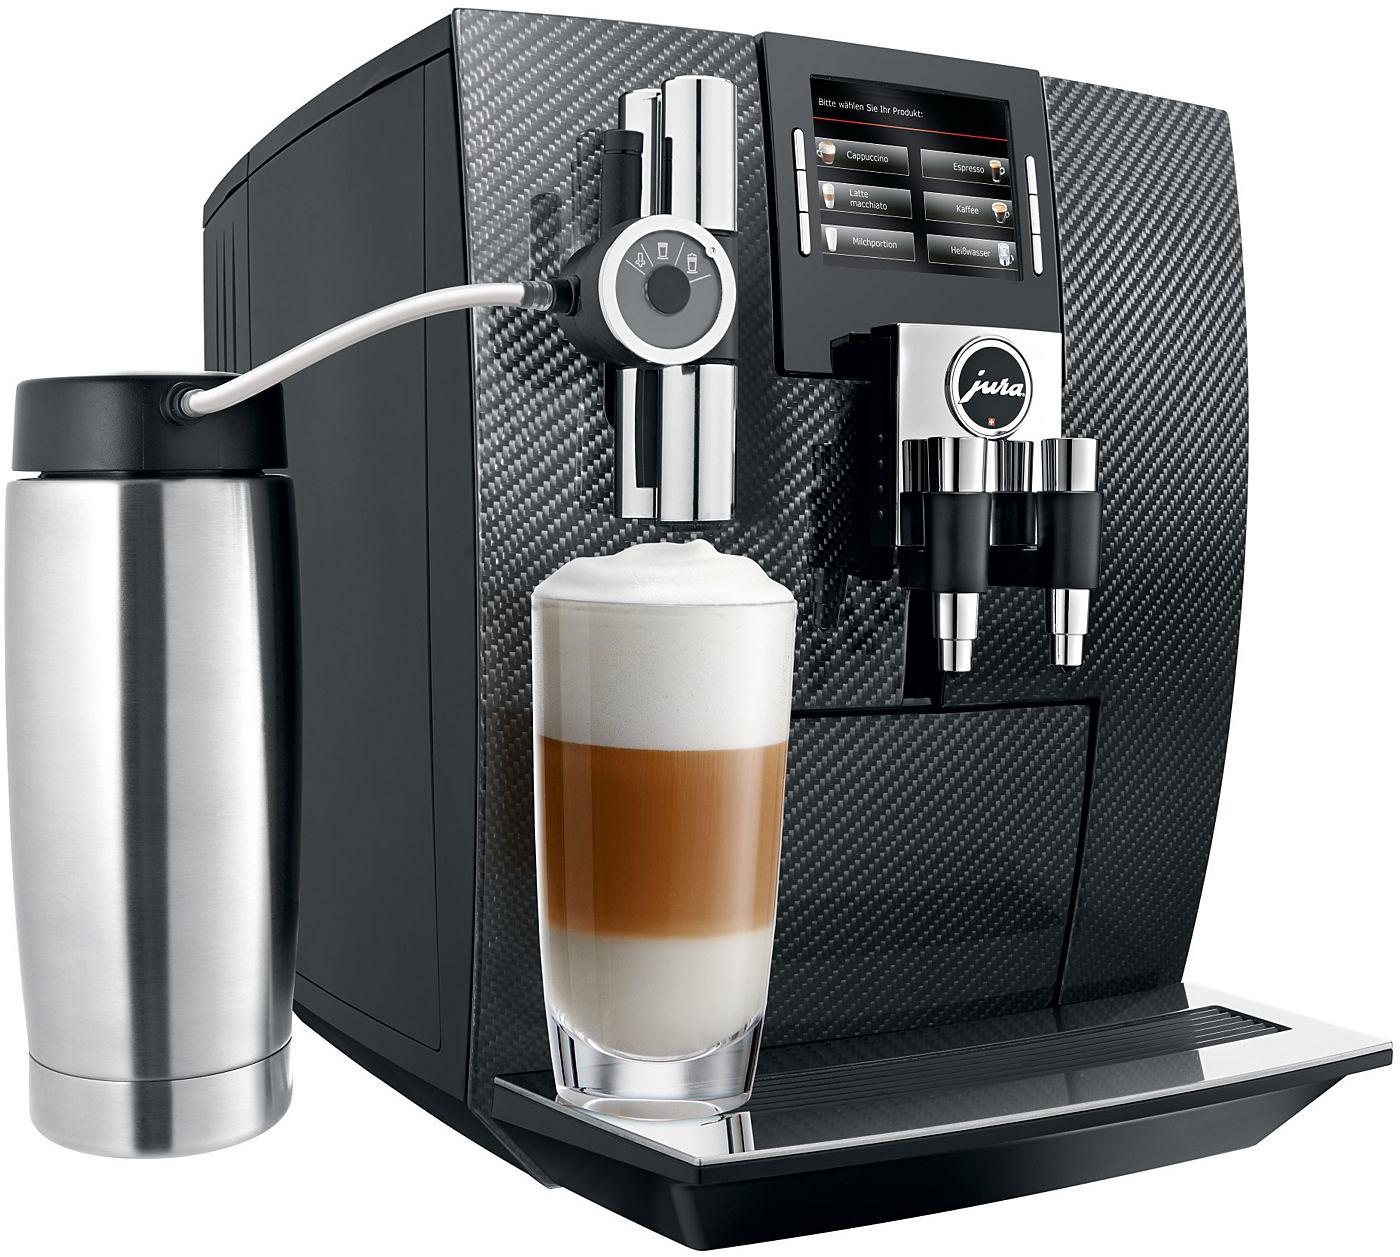 Jura Espresso-/Kaffee-Vollautomat J95